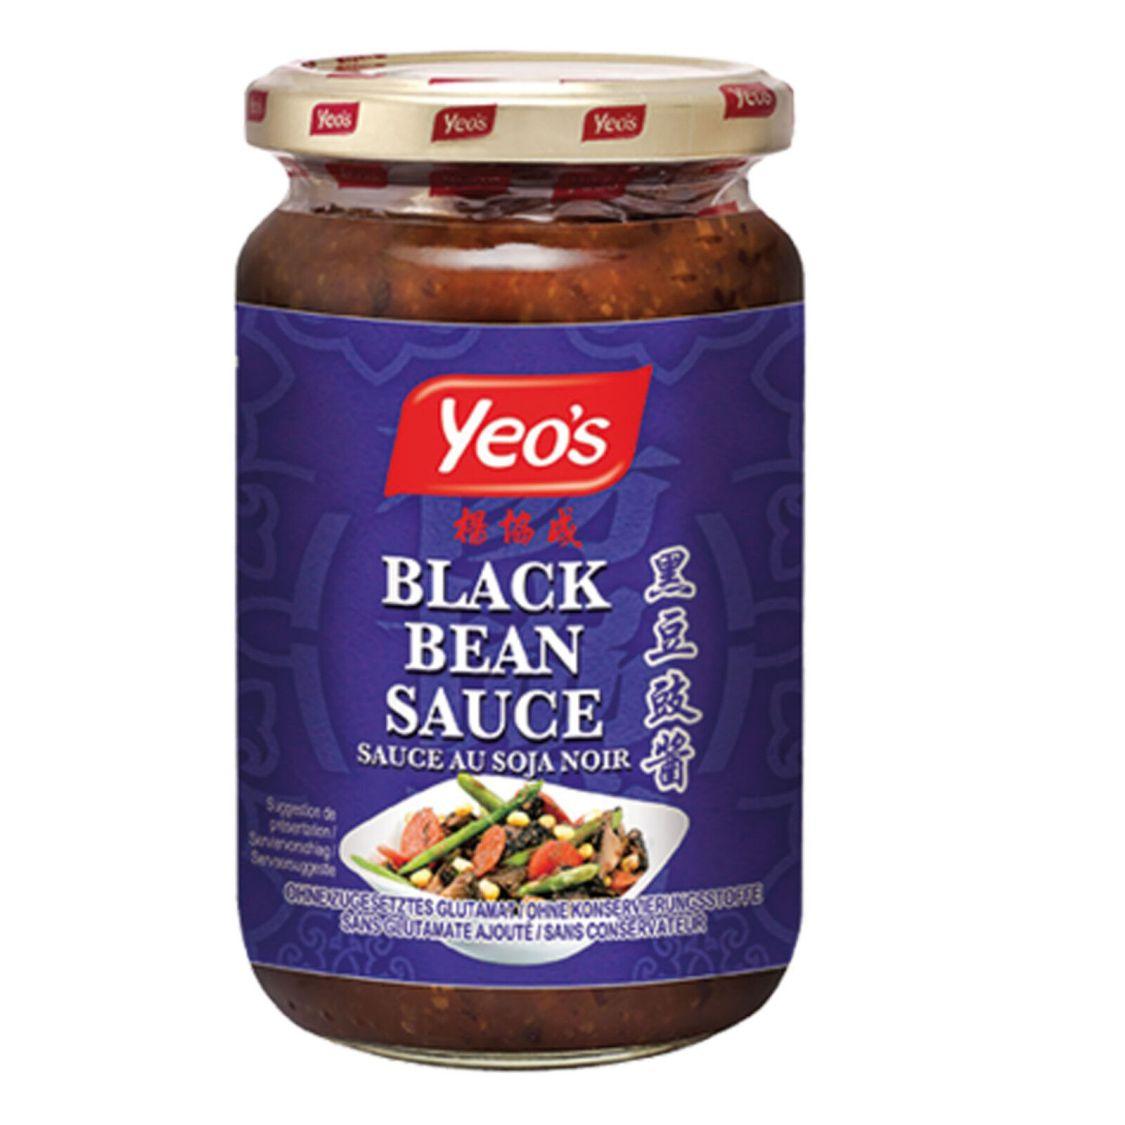 Schwarze Bohnen mit Knoblauch Sauce 270g Yeo´s Black Bean Sauce Sauce au Soja